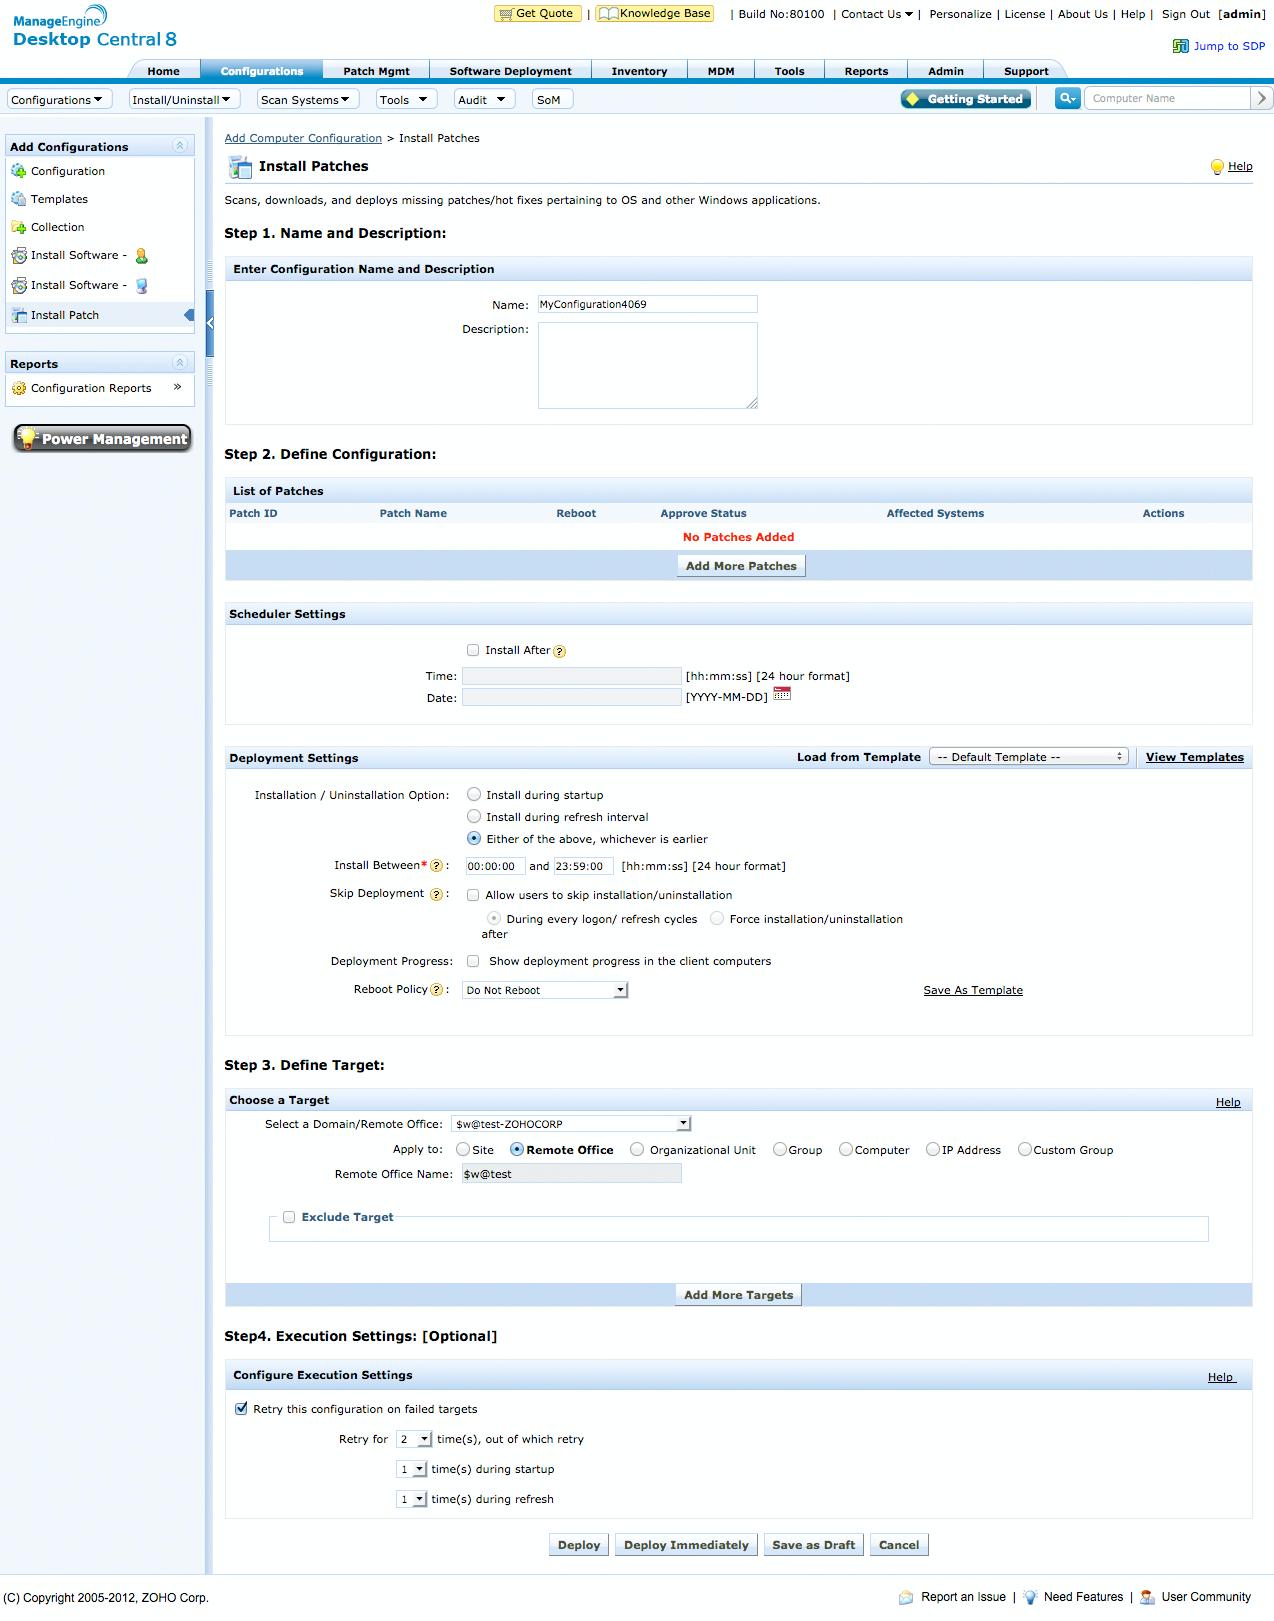 ManageEngine Desktop Central Software - 2